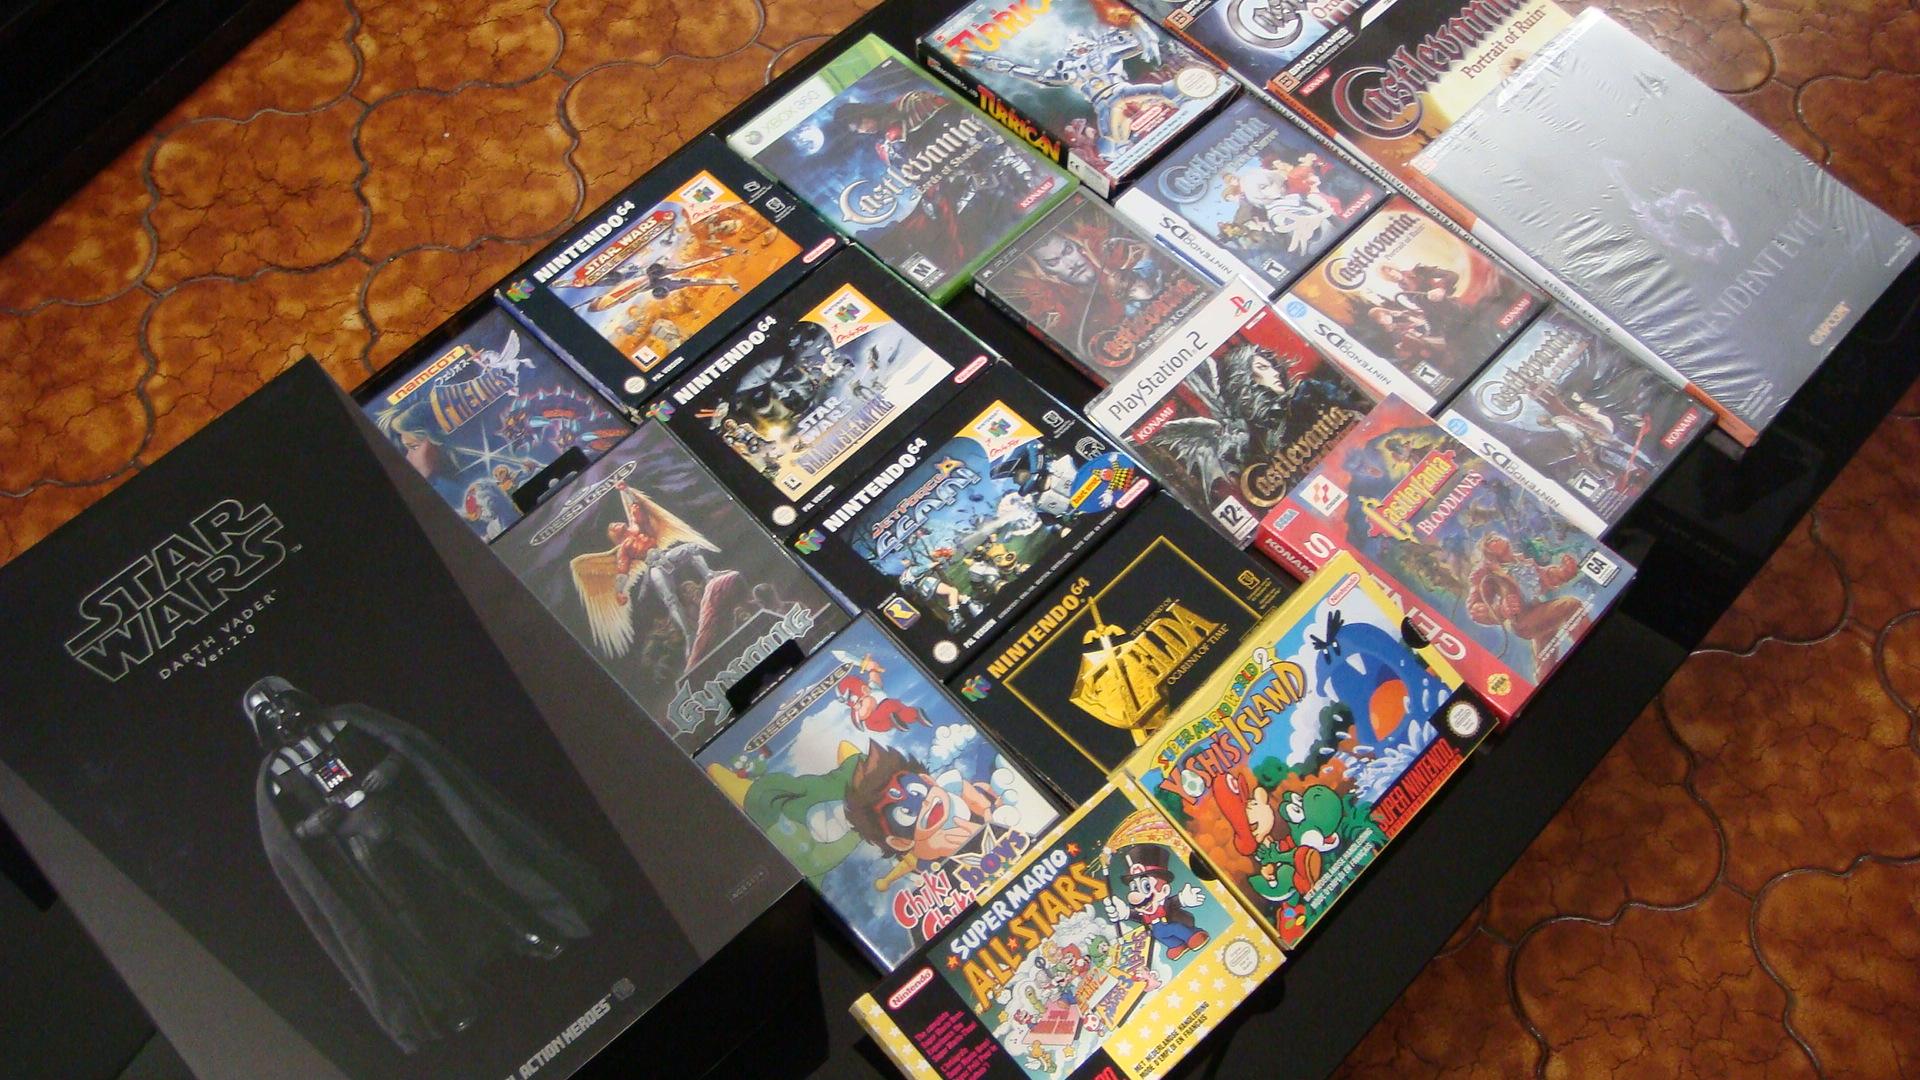 AtilA' collection. du Castlevania, des Artbooks, et tout le reste... 3246251165414013DSC01263